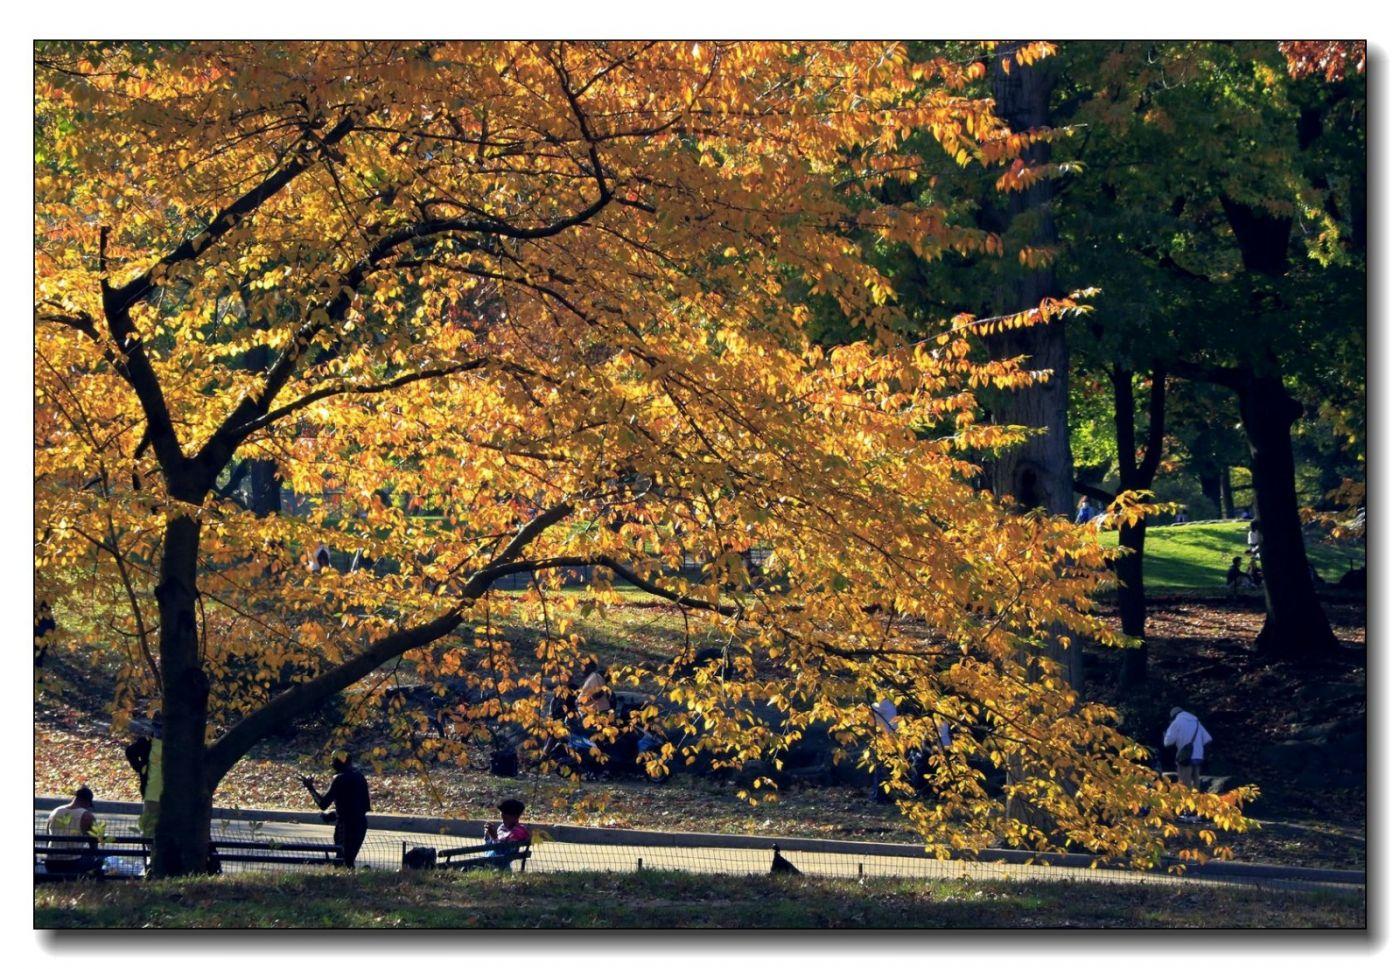 深秋色彩-中央公园1_图1-14